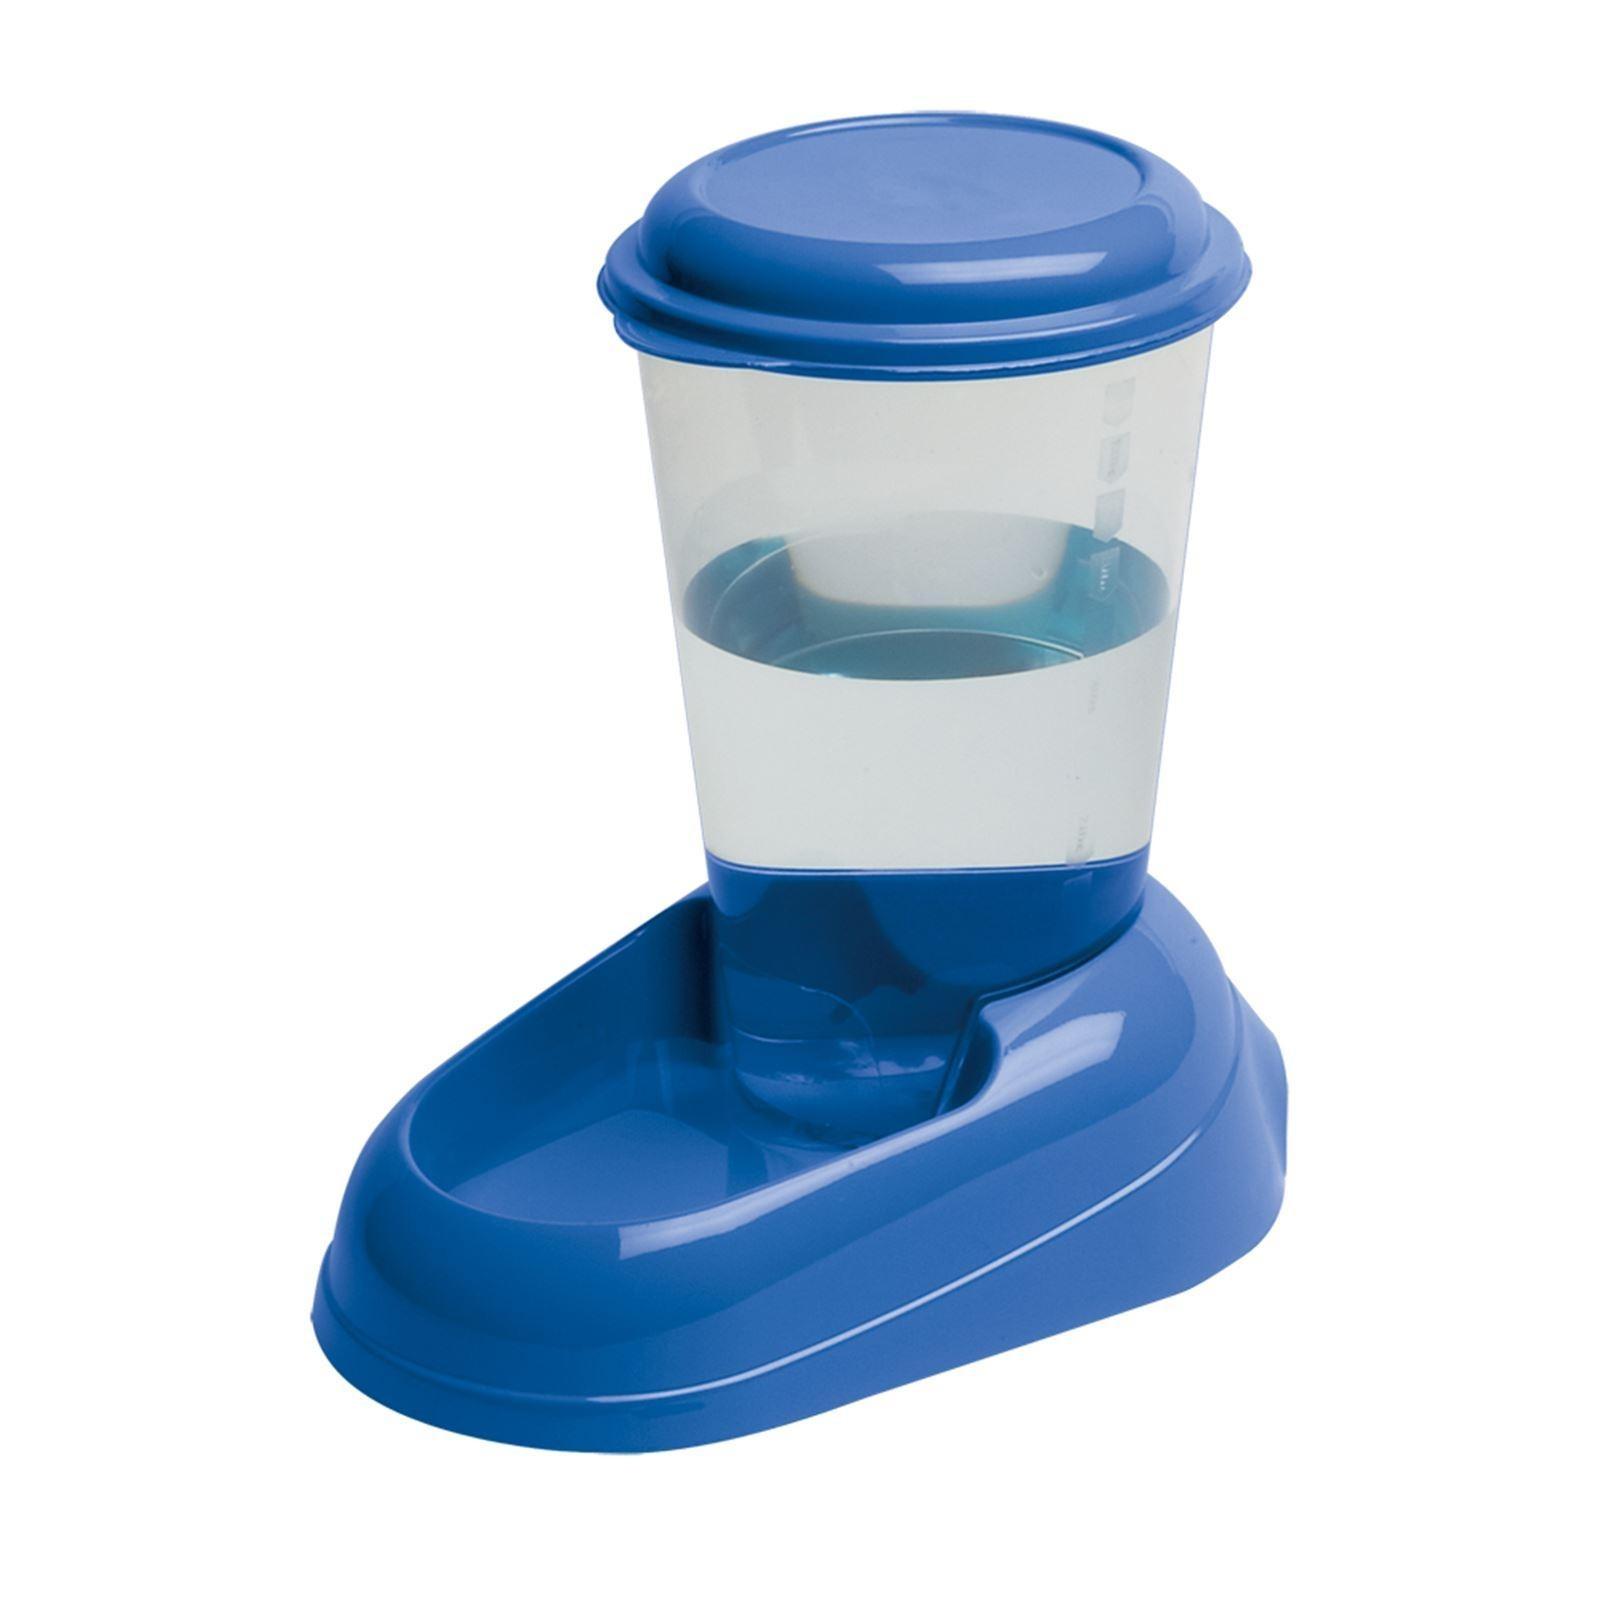 Ferplast Nadir Water Dispenser 3L - Blue